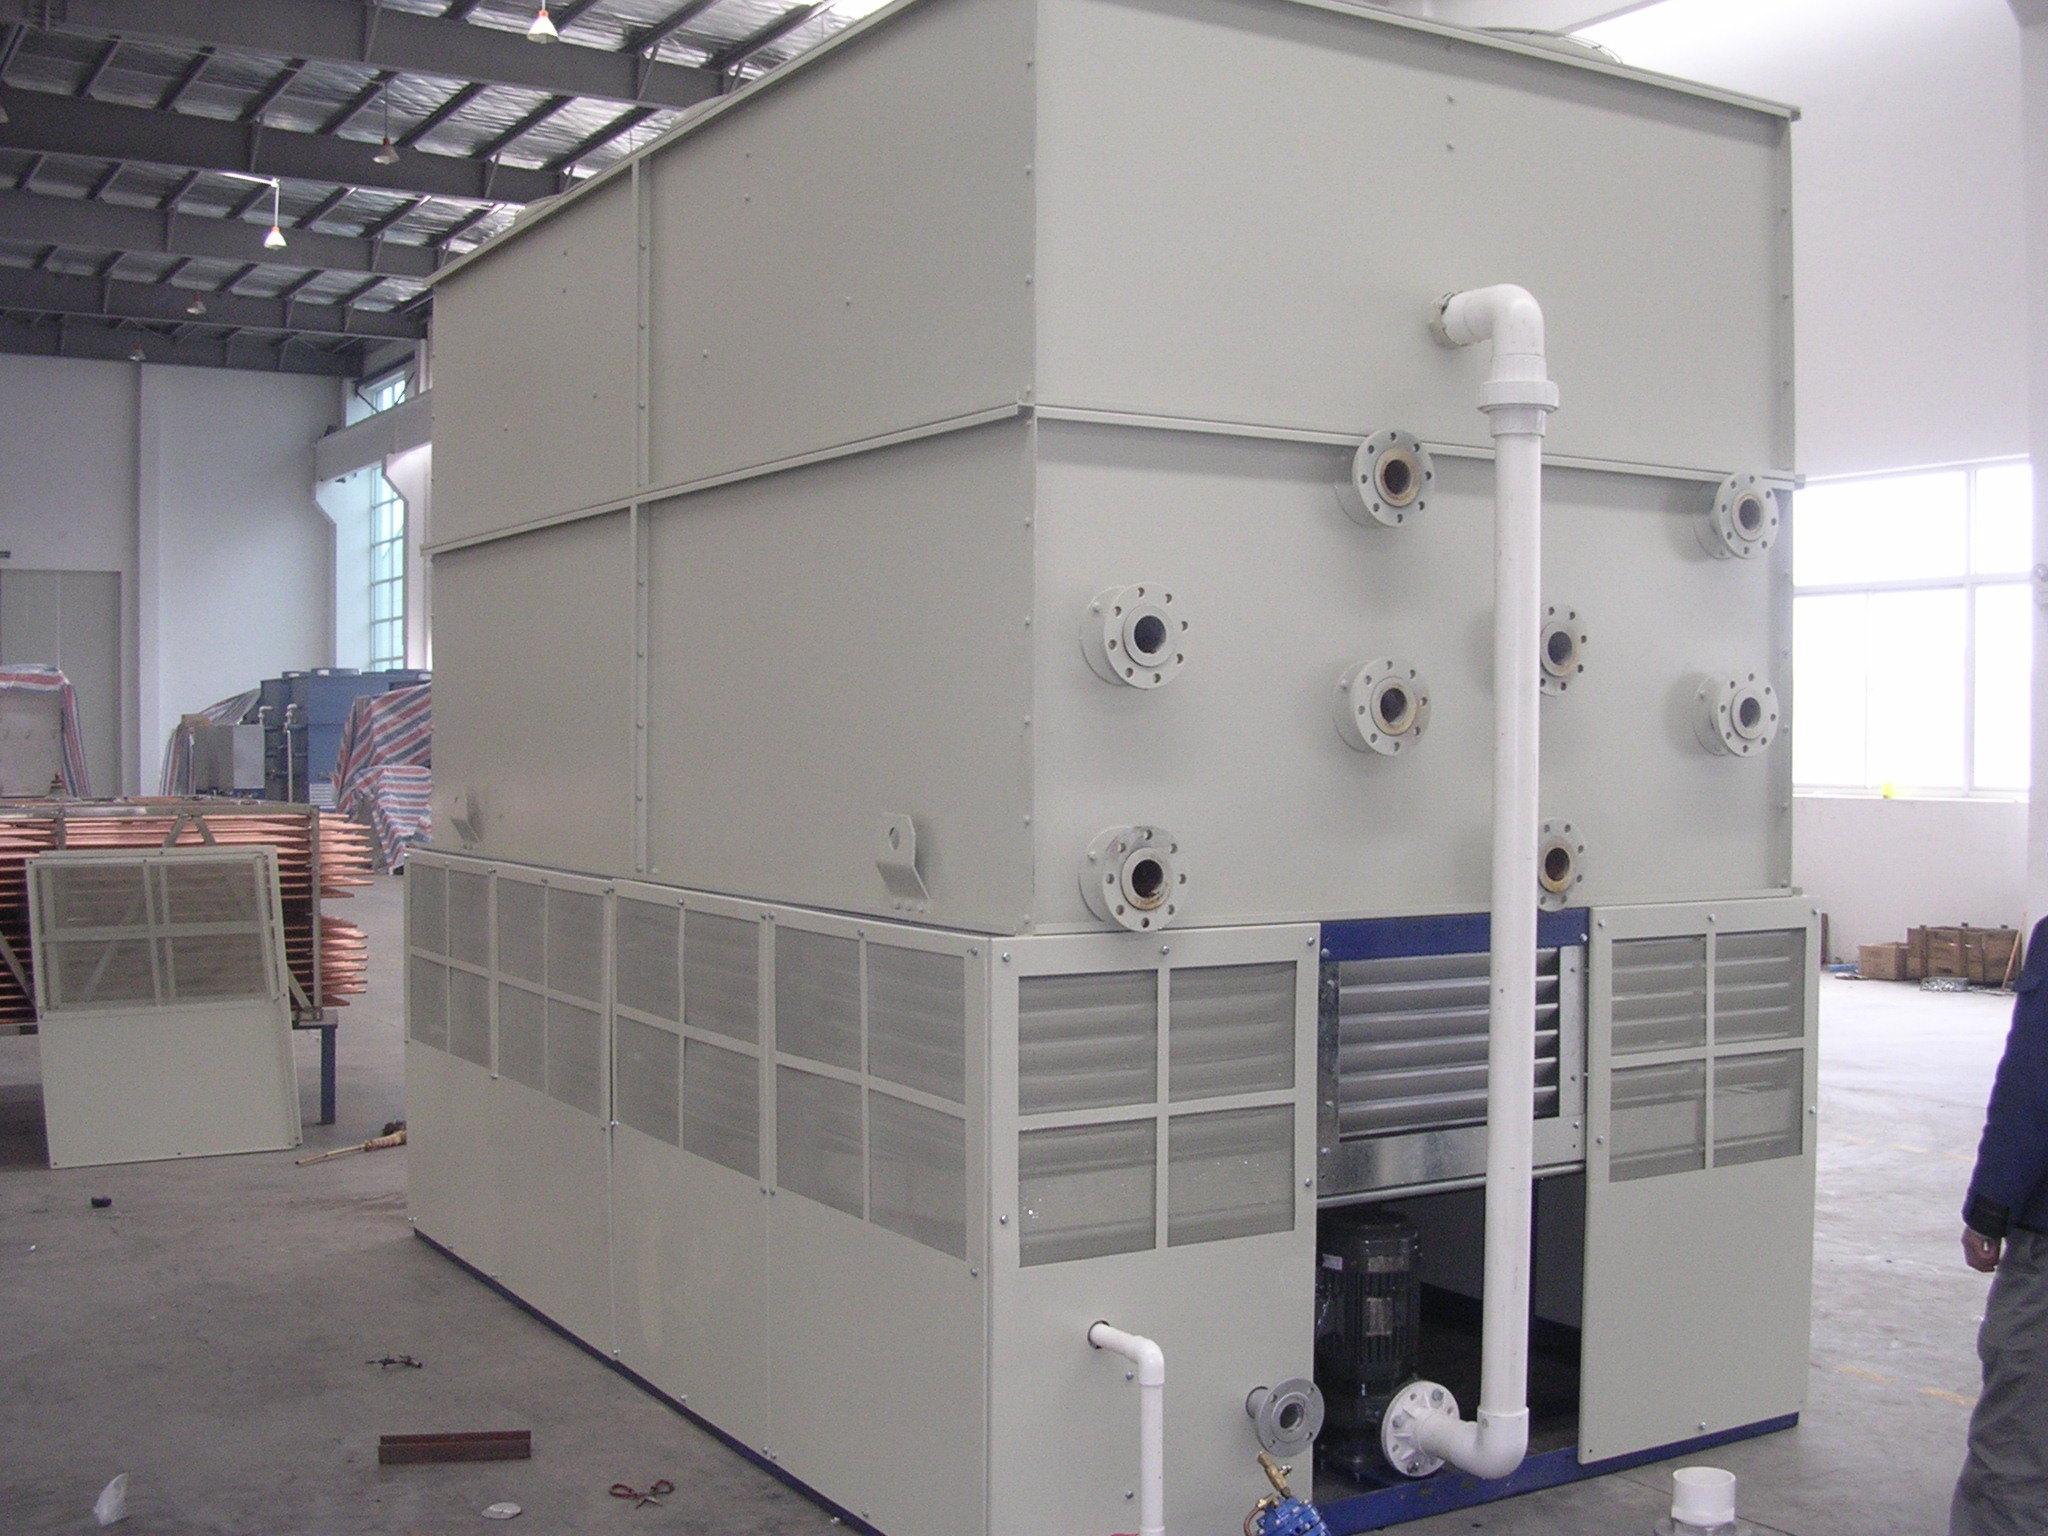 面议 fl系列闭式冷却塔 面议 fl系列闭式水冷却塔(软水冷却) 面议 fz